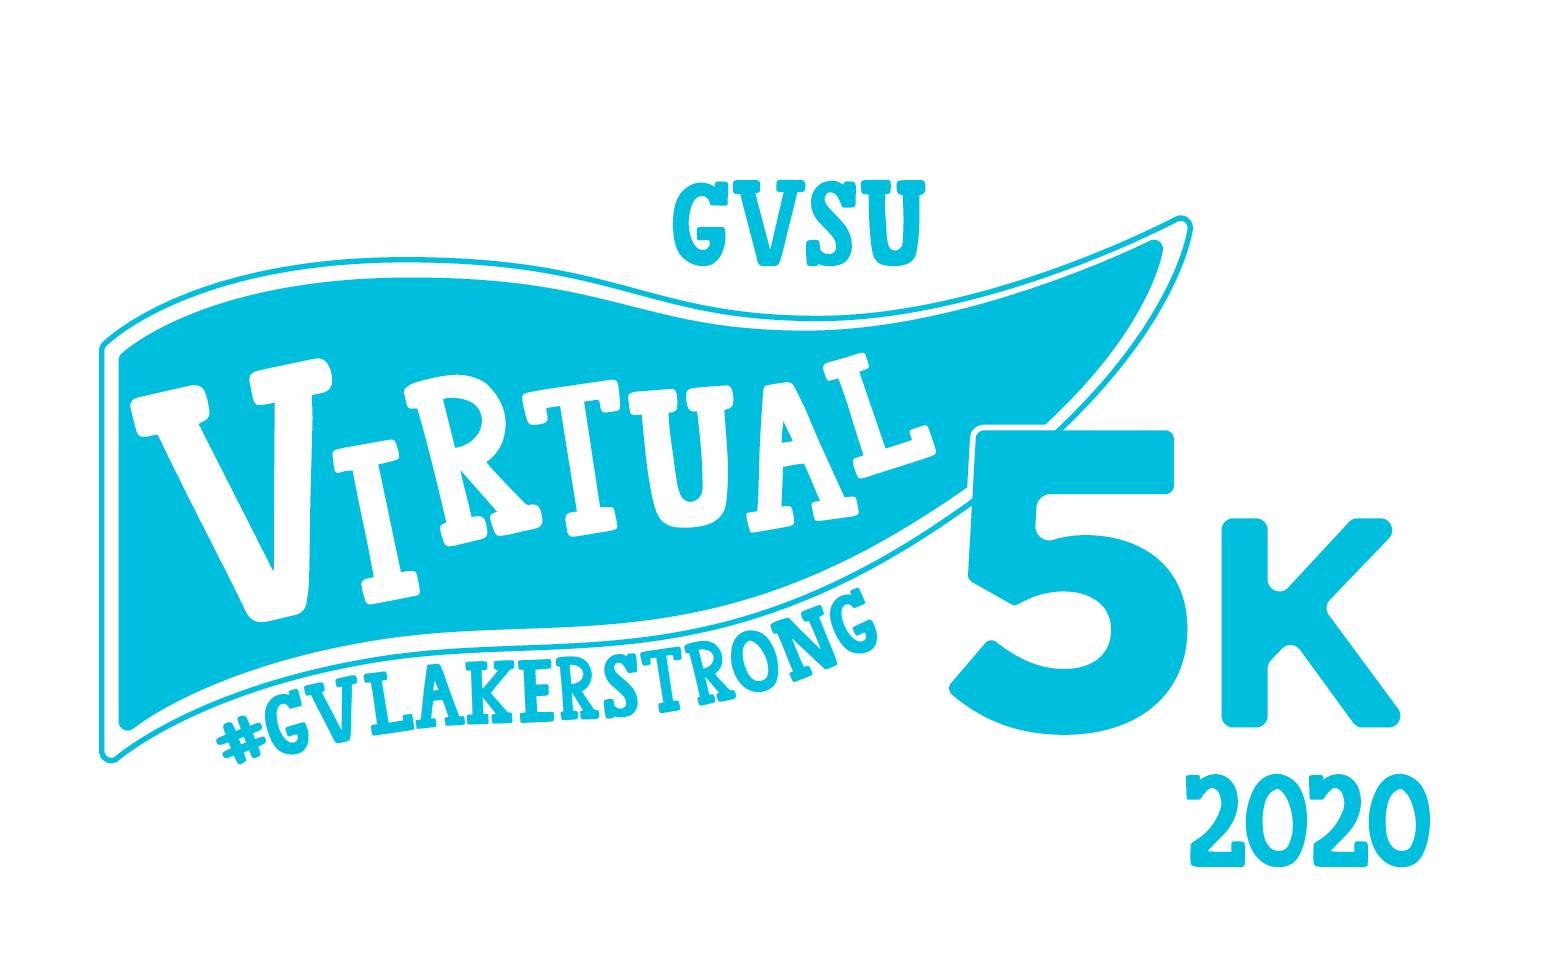 GVSU Virtual 5k 2020 #GVLakerStrong